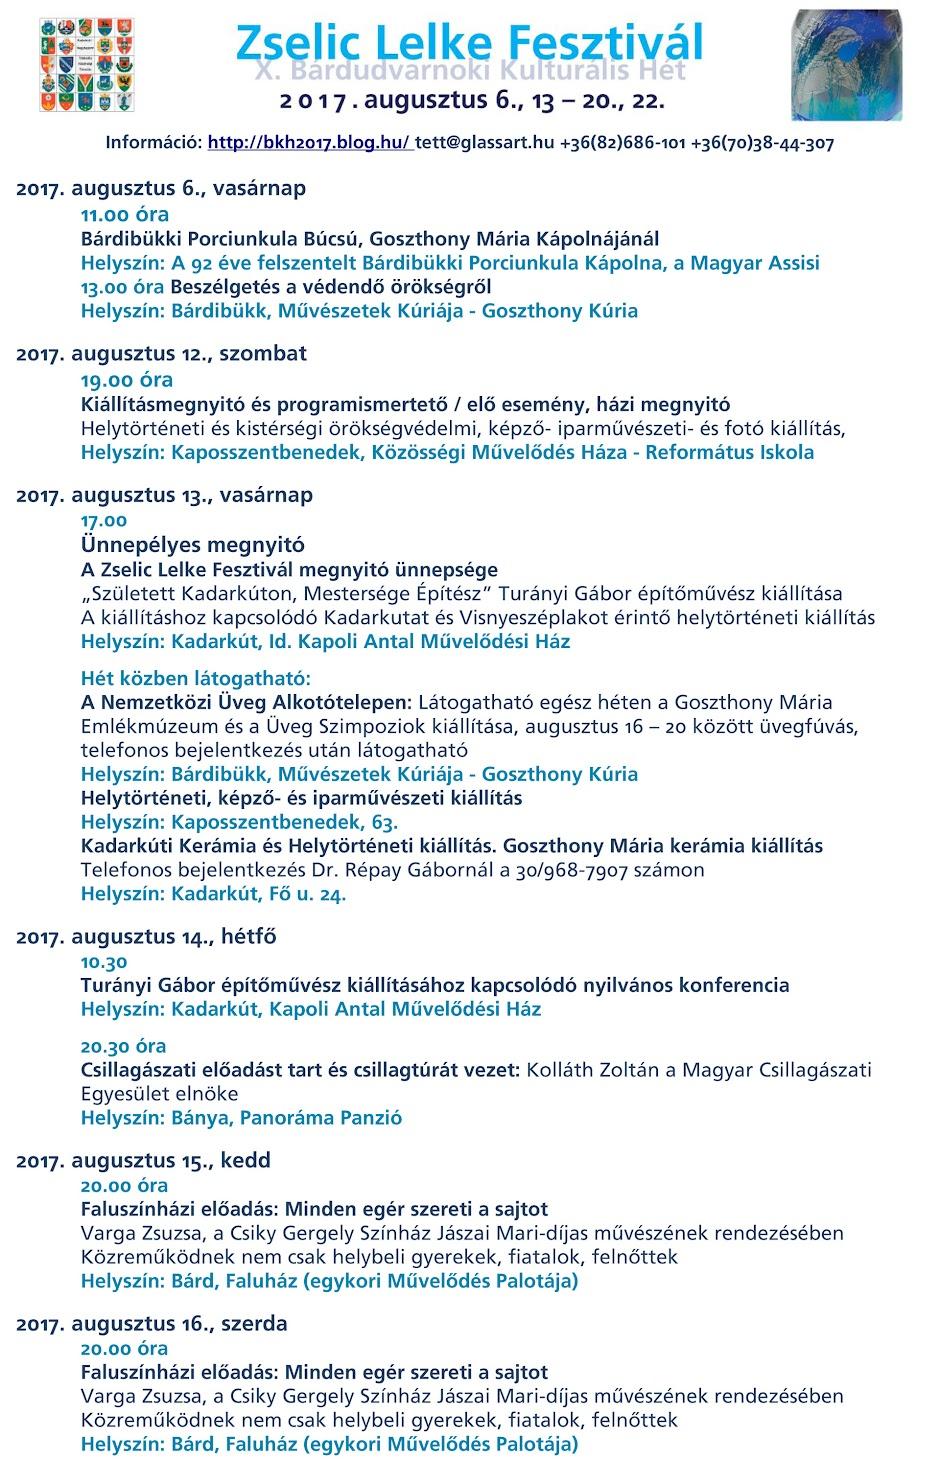 Zselic Lelke Fesztivál - X. Bárdudvarnoki Kulturális Hét 2017 augusztus - programja